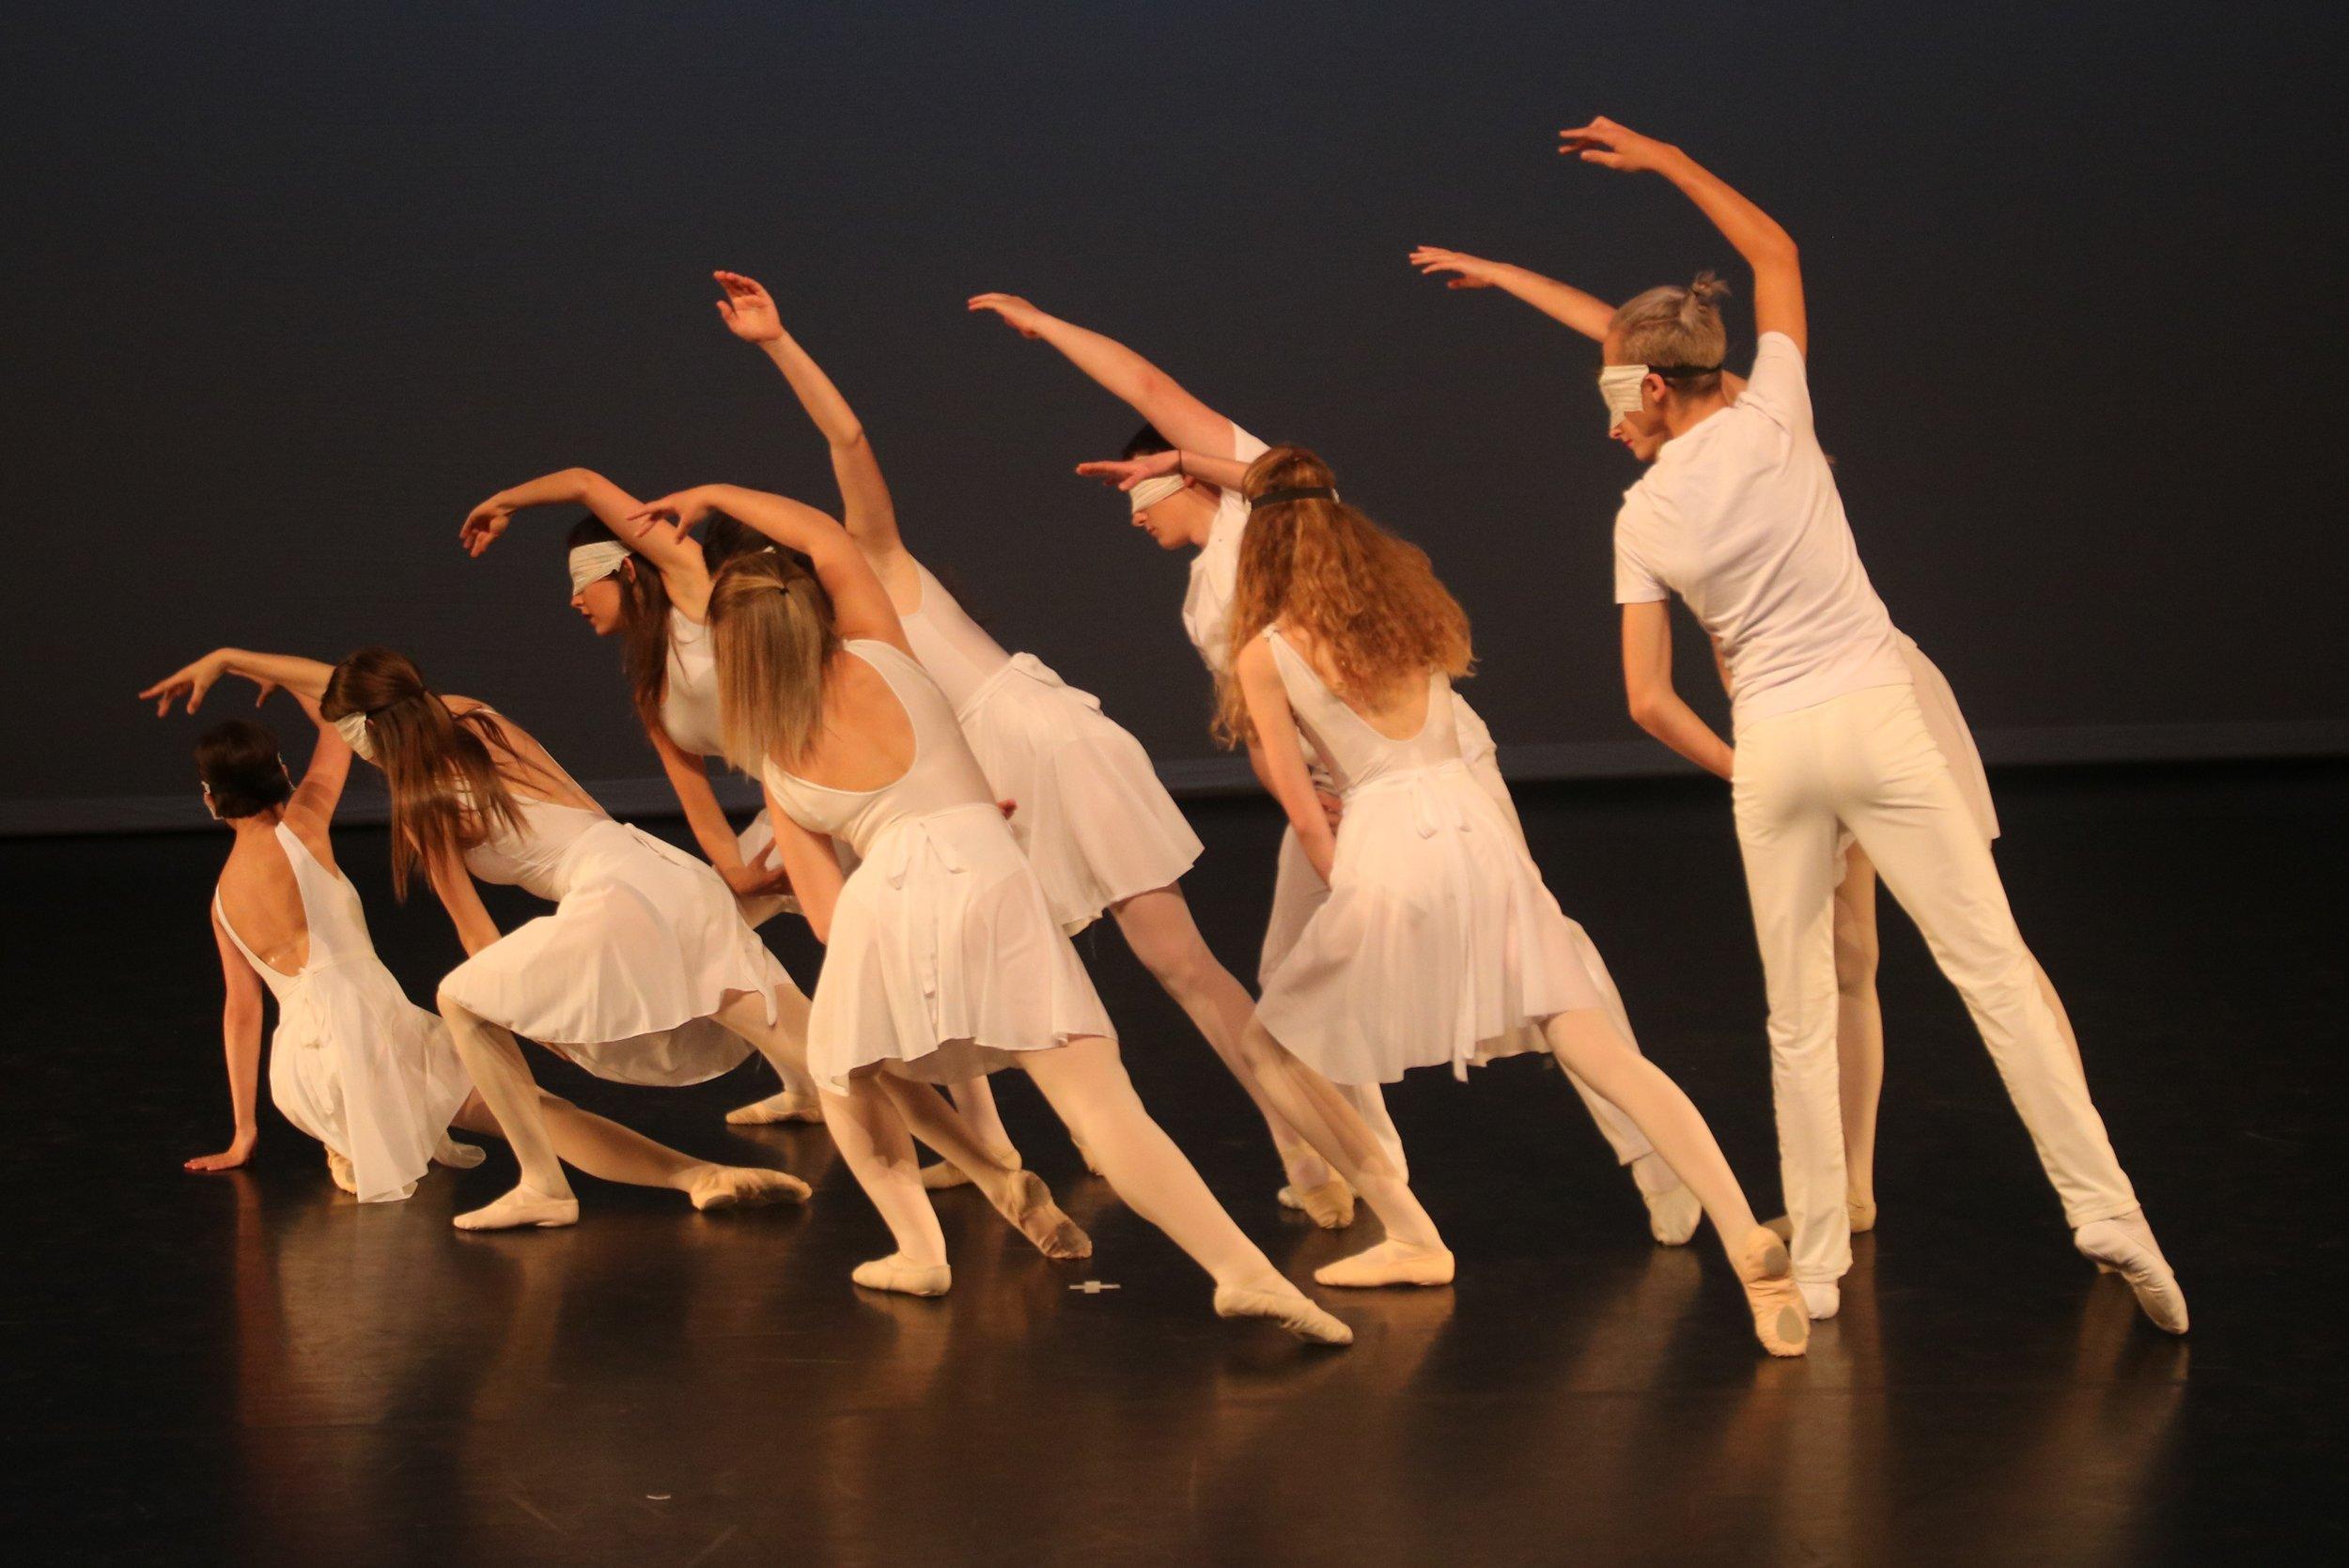 De balletschool - Door de jaren heen is de balletschool uitgegroeid tot een begrip in Oostende op het gebied van klassiek ballet. De lessen zijn van een hoog niveau en hoewel het gaat om amateurs, is de aanpak professioneel. De sfeer in de lessen is gedisciplineerd maar niet ouderwets streng.De klassieke lessen staan onder de ervaren leiding van Marita Engels, in de jongere klassen bijgestaan door meerdere assistenten. Marita geeft ook de lessen jazzdans aan de leerlingen uit de 1ste 3 jaren van het middelbaar en de initiatie pointes aan 5de en 6de leerjaar.